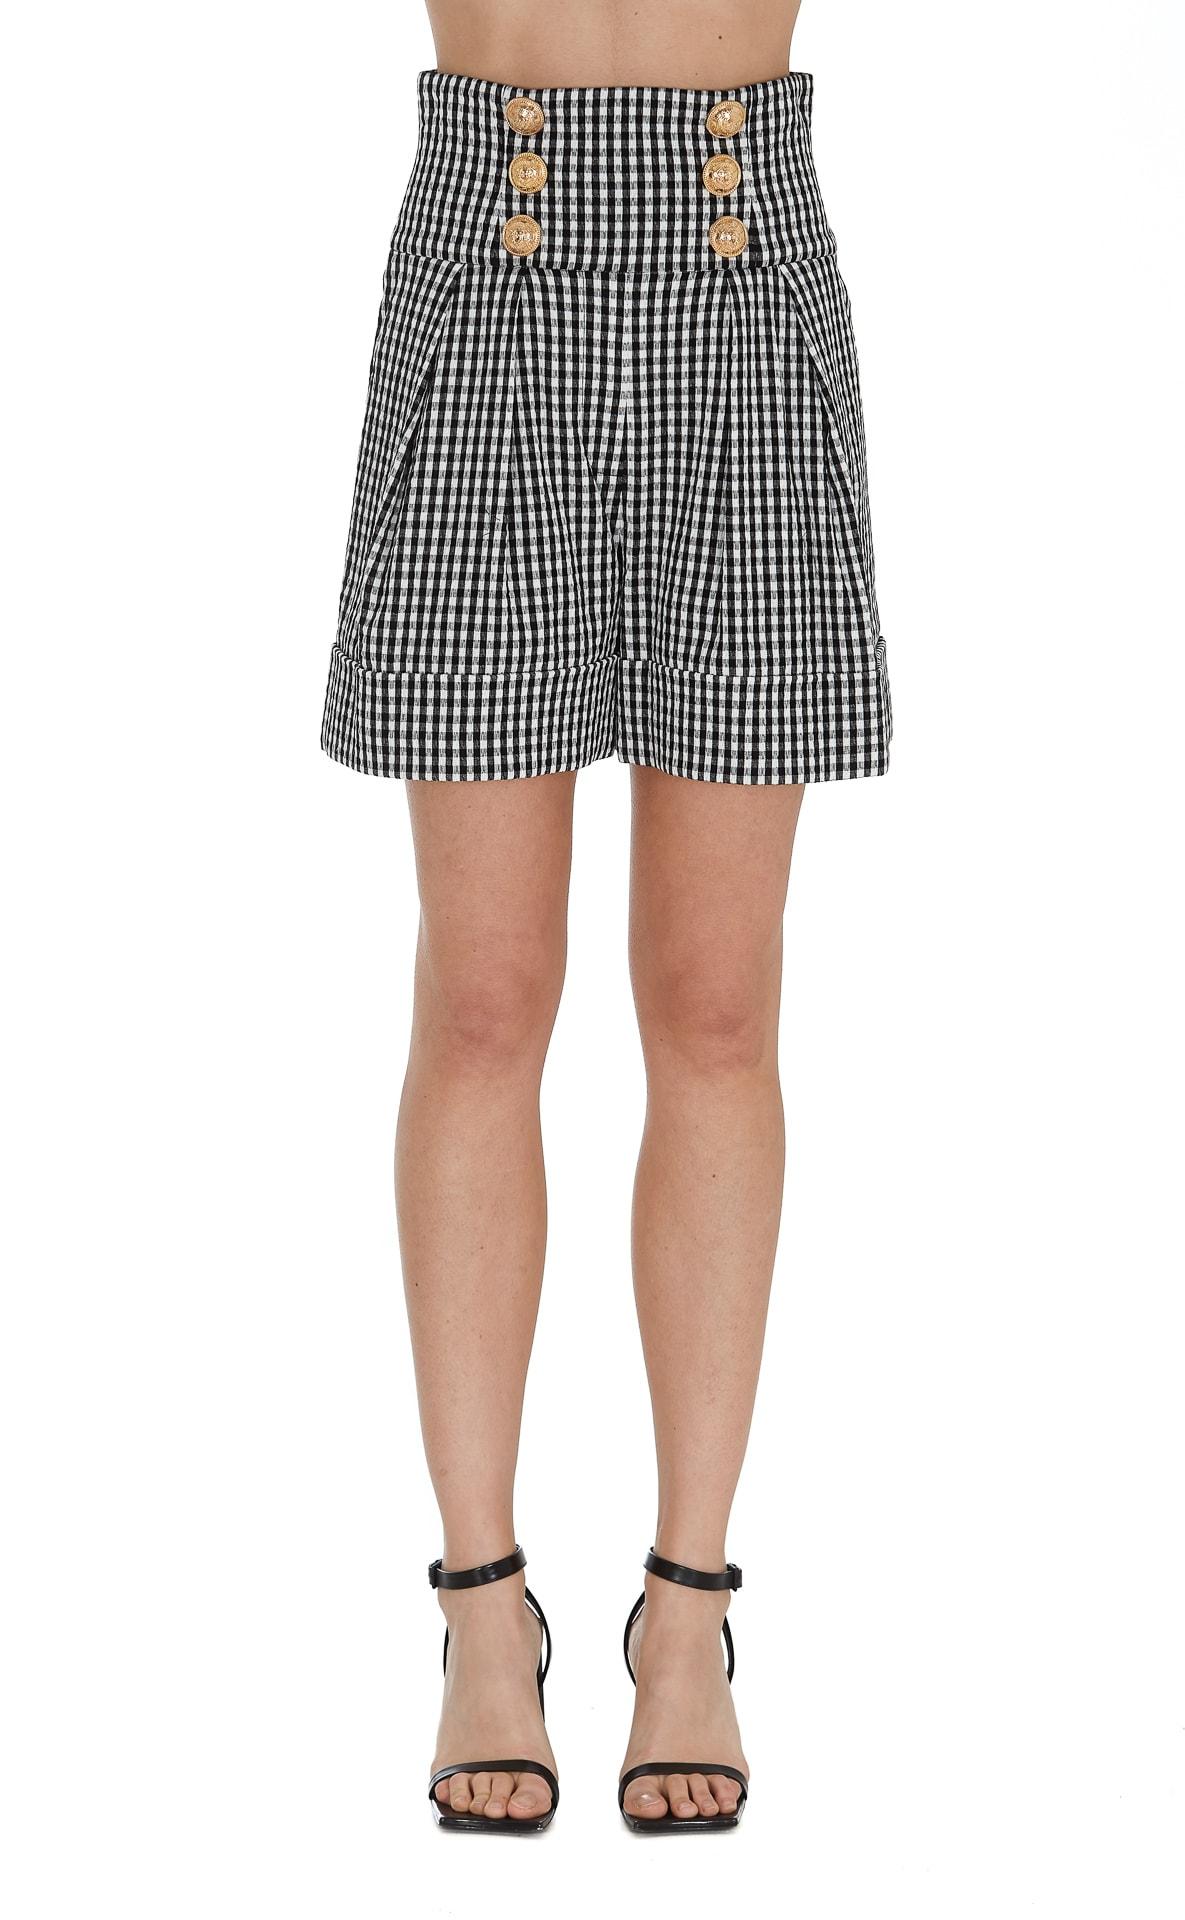 Balmain Shorts In Black